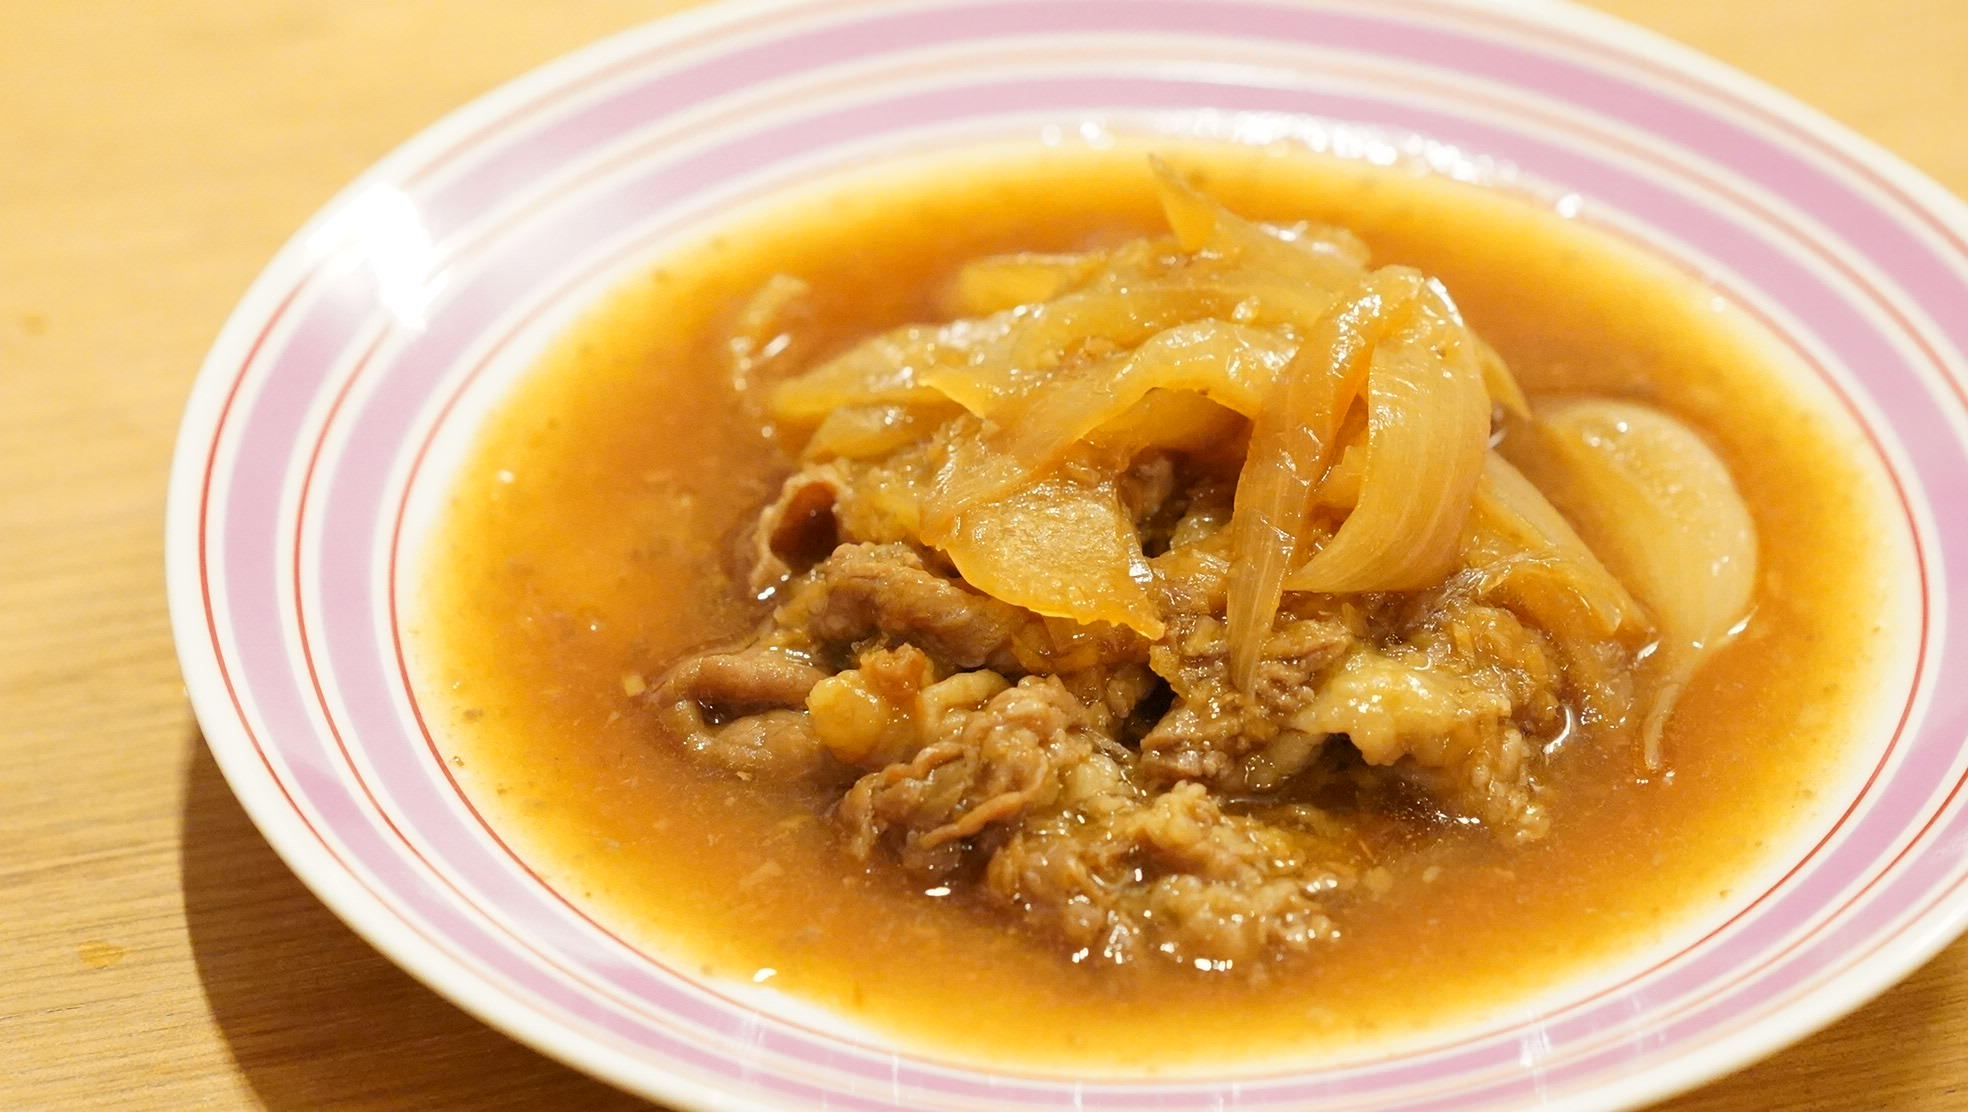 無印良品のおすすめ冷凍食品「牛肉とたまねぎの生姜煮」の写真